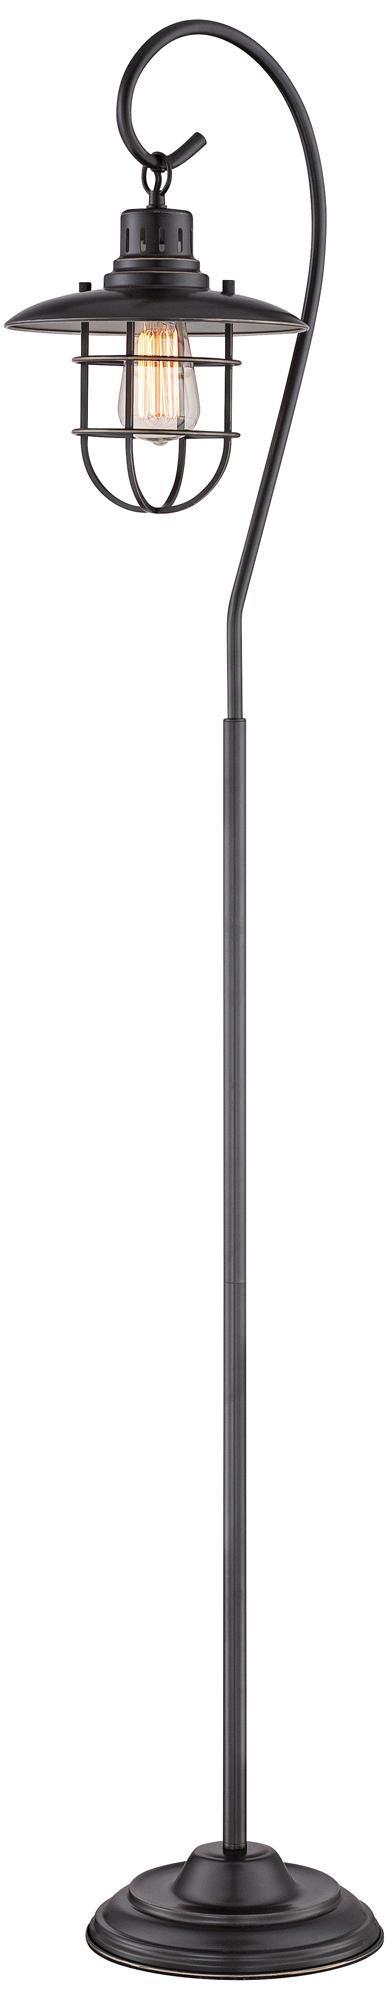 Lanterna II Bronze Floor Lamp by Lite Source